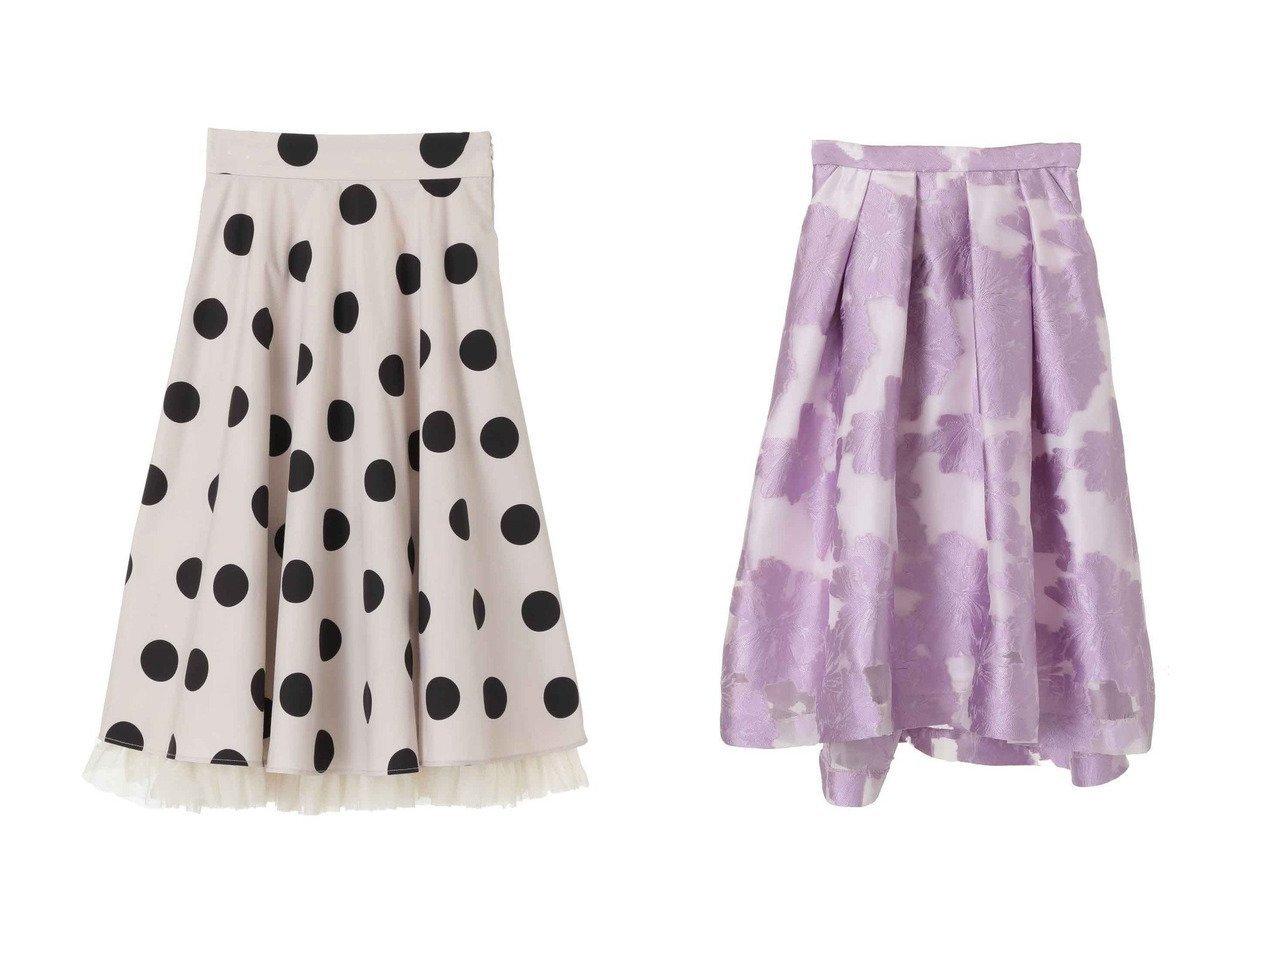 【31 Sons de mode/トランテアン ソン ドゥ モード】の裾チュールミディ丈柄スカート&花柄ジャカードスカート スカートのおすすめ!人気、トレンド・レディースファッションの通販  おすすめで人気の流行・トレンド、ファッションの通販商品 メンズファッション・キッズファッション・インテリア・家具・レディースファッション・服の通販 founy(ファニー) https://founy.com/ ファッション Fashion レディースファッション WOMEN スカート Skirt 2020年 2020 2020-2021 秋冬 A/W AW Autumn/Winter / FW Fall-Winter 2020-2021 2021年 2021 2021 春夏 S/S SS Spring/Summer 2021 ギンガム チェック チュール ドット フェミニン 春 A/W 秋冬 AW Autumn/Winter / FW Fall-Winter |ID:crp329100000009764